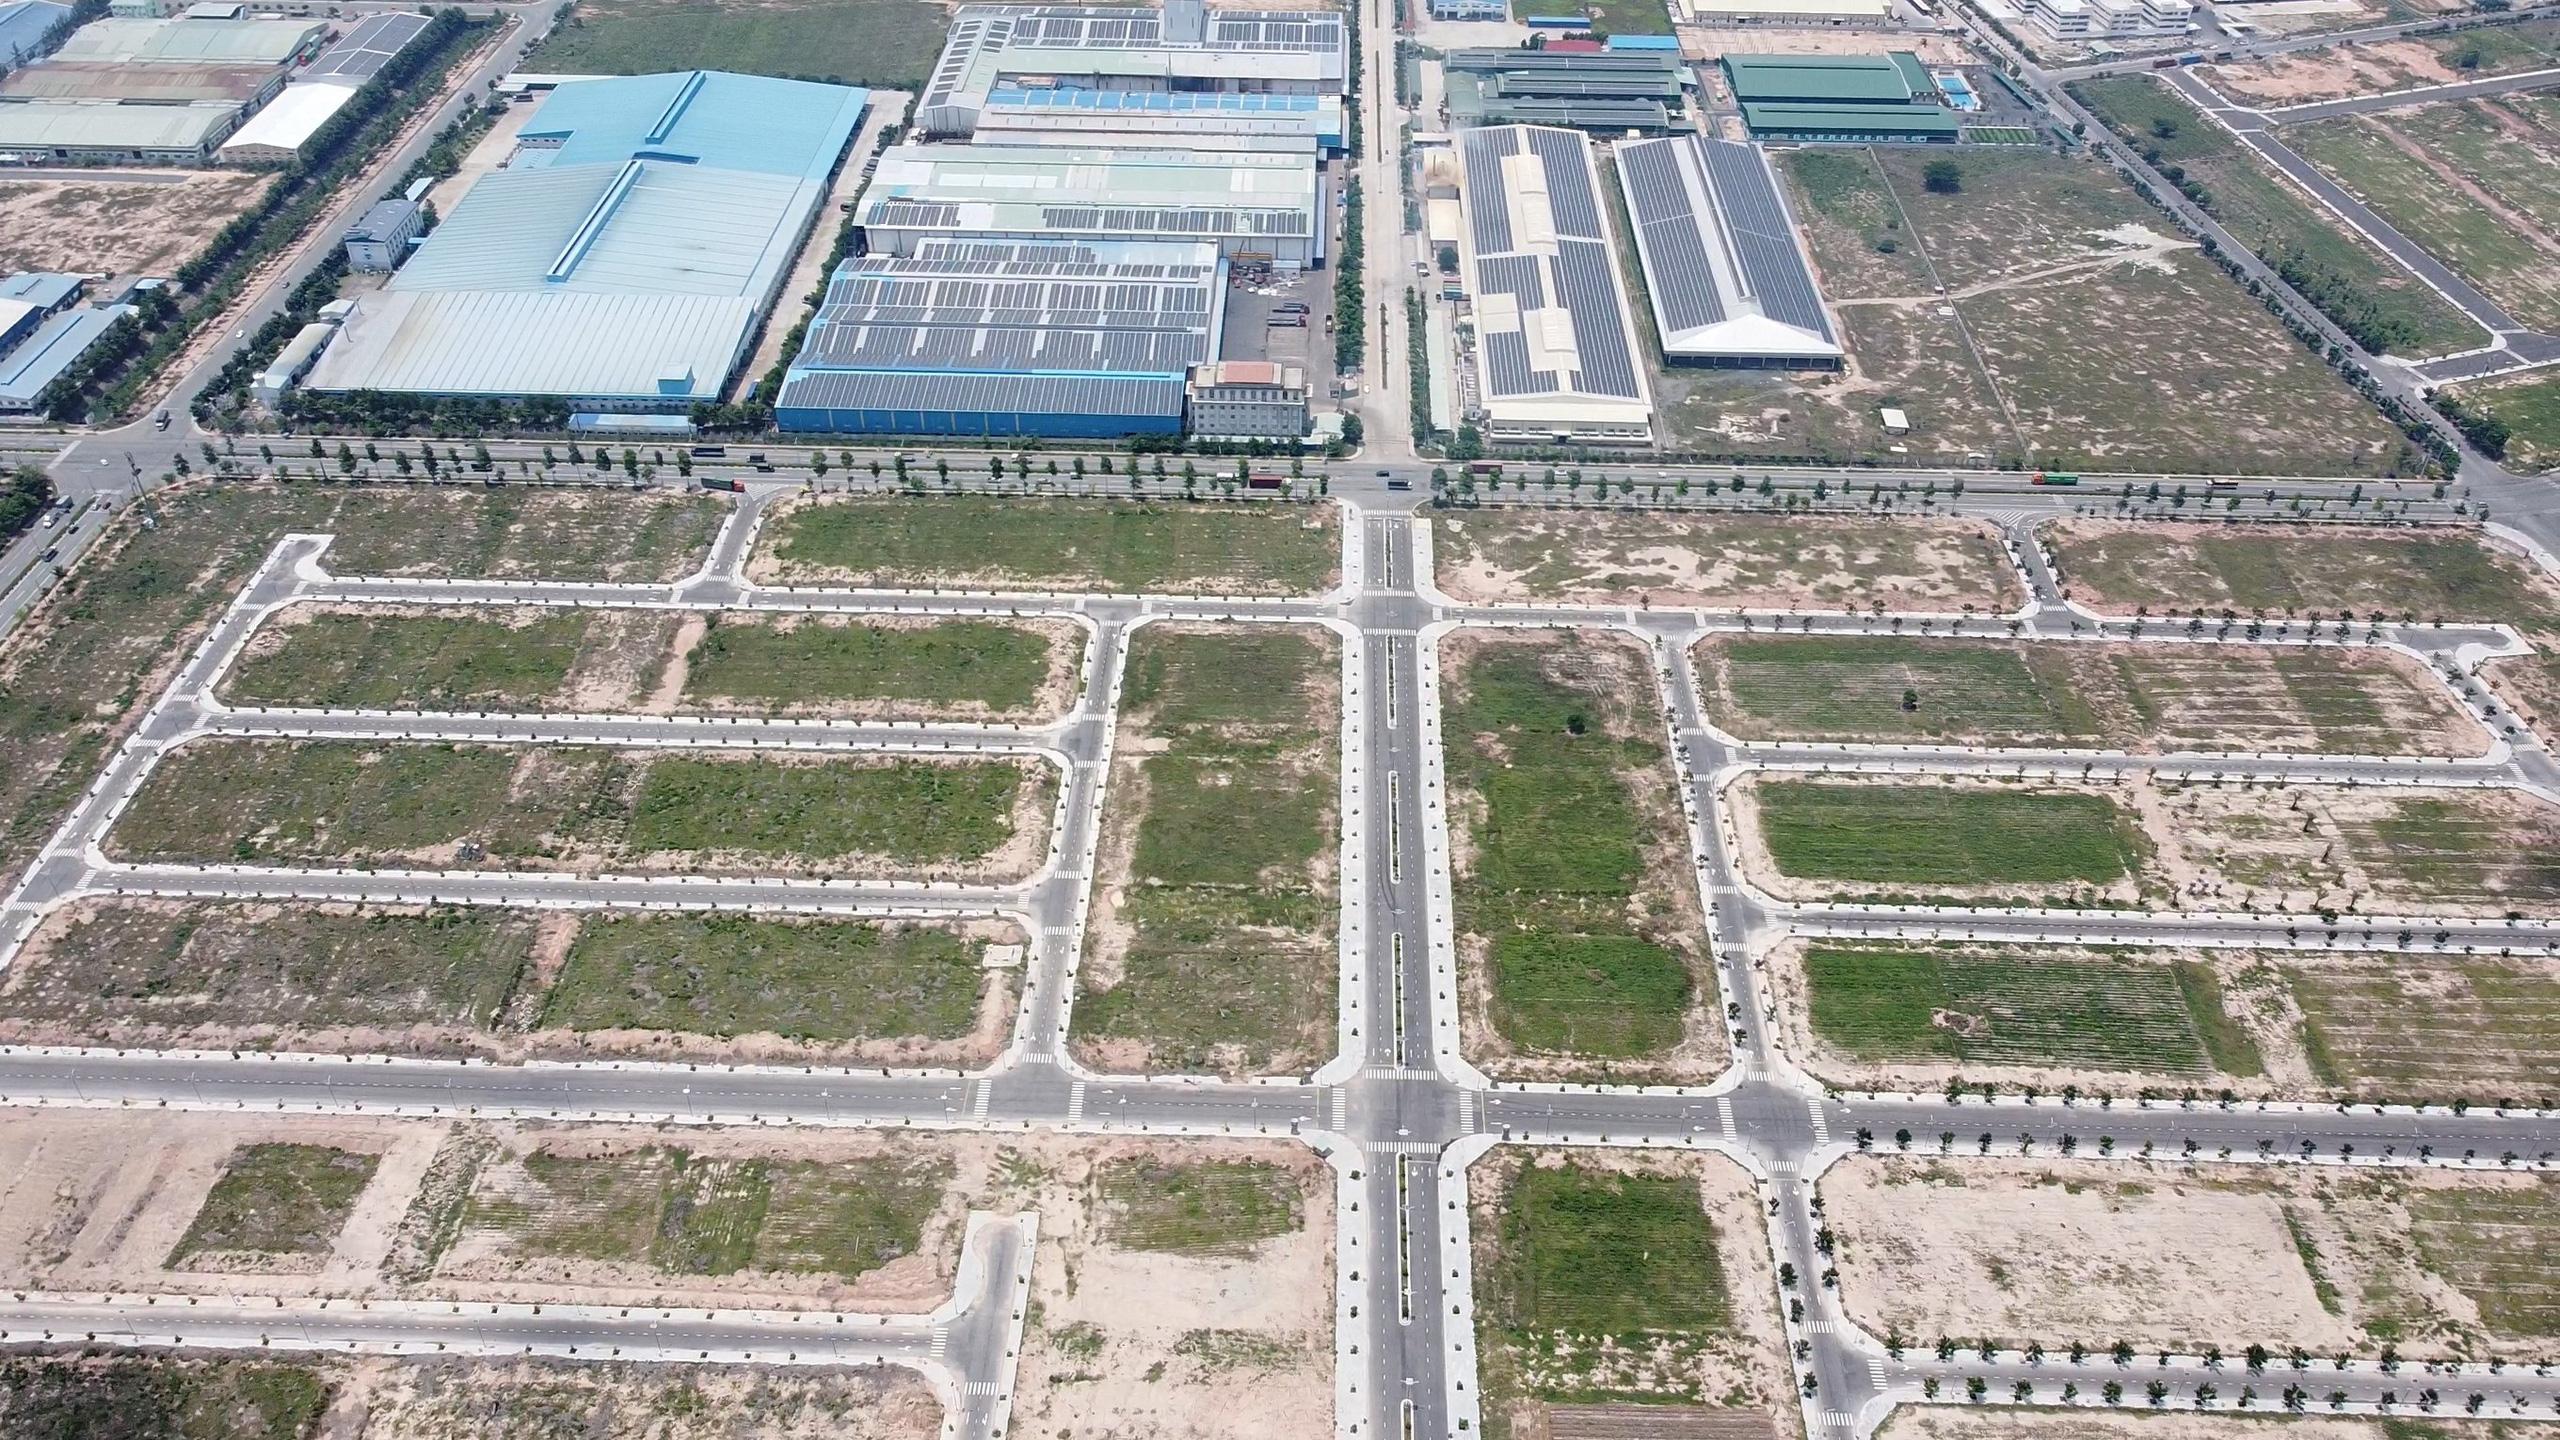 Cận cảnh 4 khu đất khoảng 1.000 tỷ ông Dũng 'lò vôi' tặng quỹ phòng chống COVID-19 - Ảnh 3.